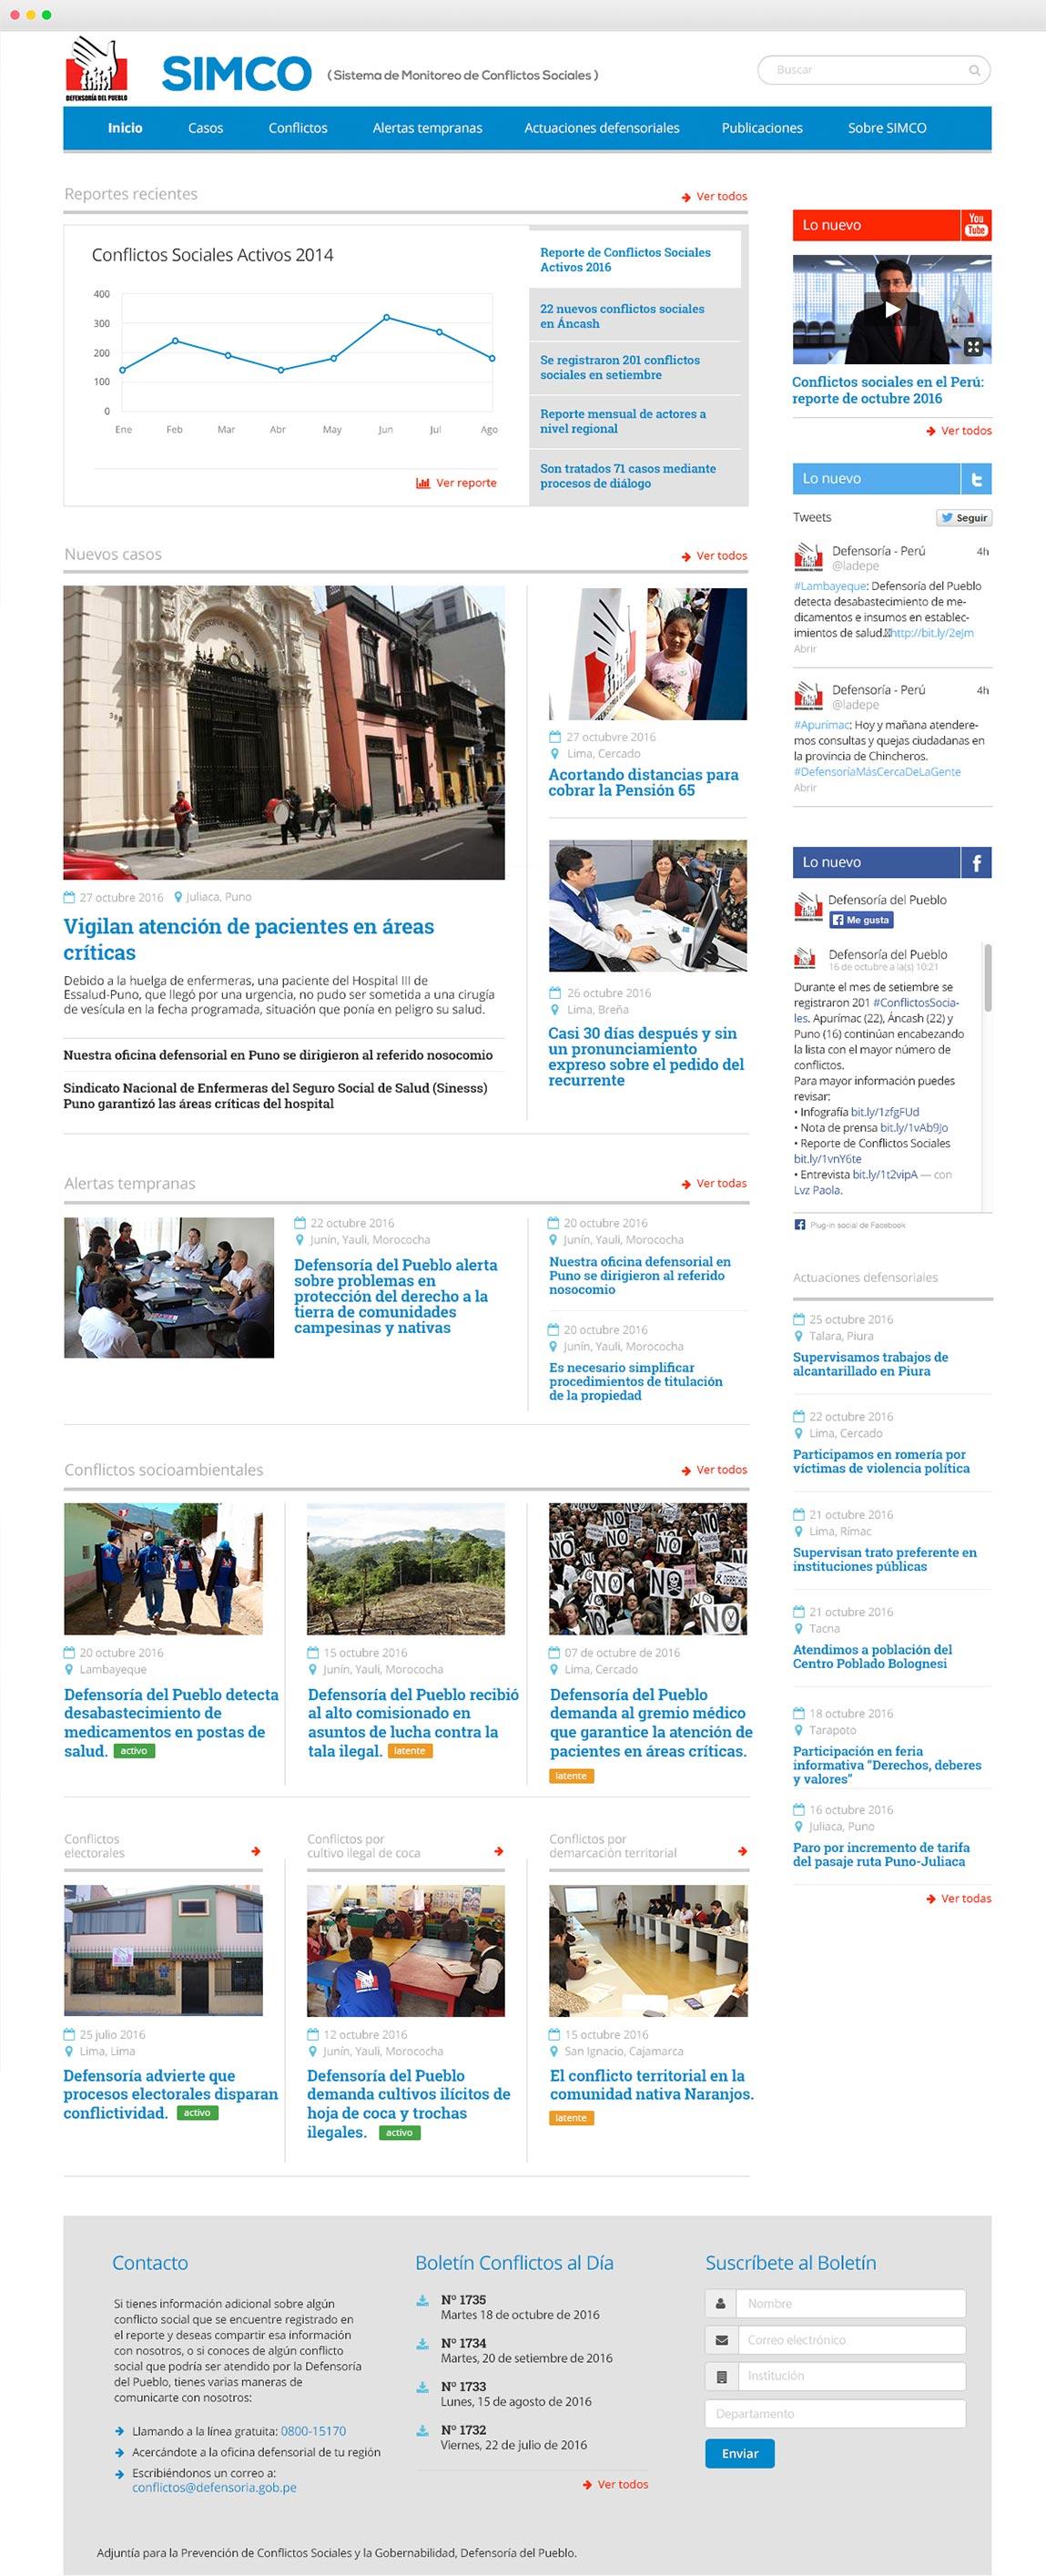 En Enjoit realizamos el diseño de contenidos, interfaces web y portal del Sistema de Monitoreo de Conflictos Sociales (SIMCO) de la Defensoría del Pueblo.